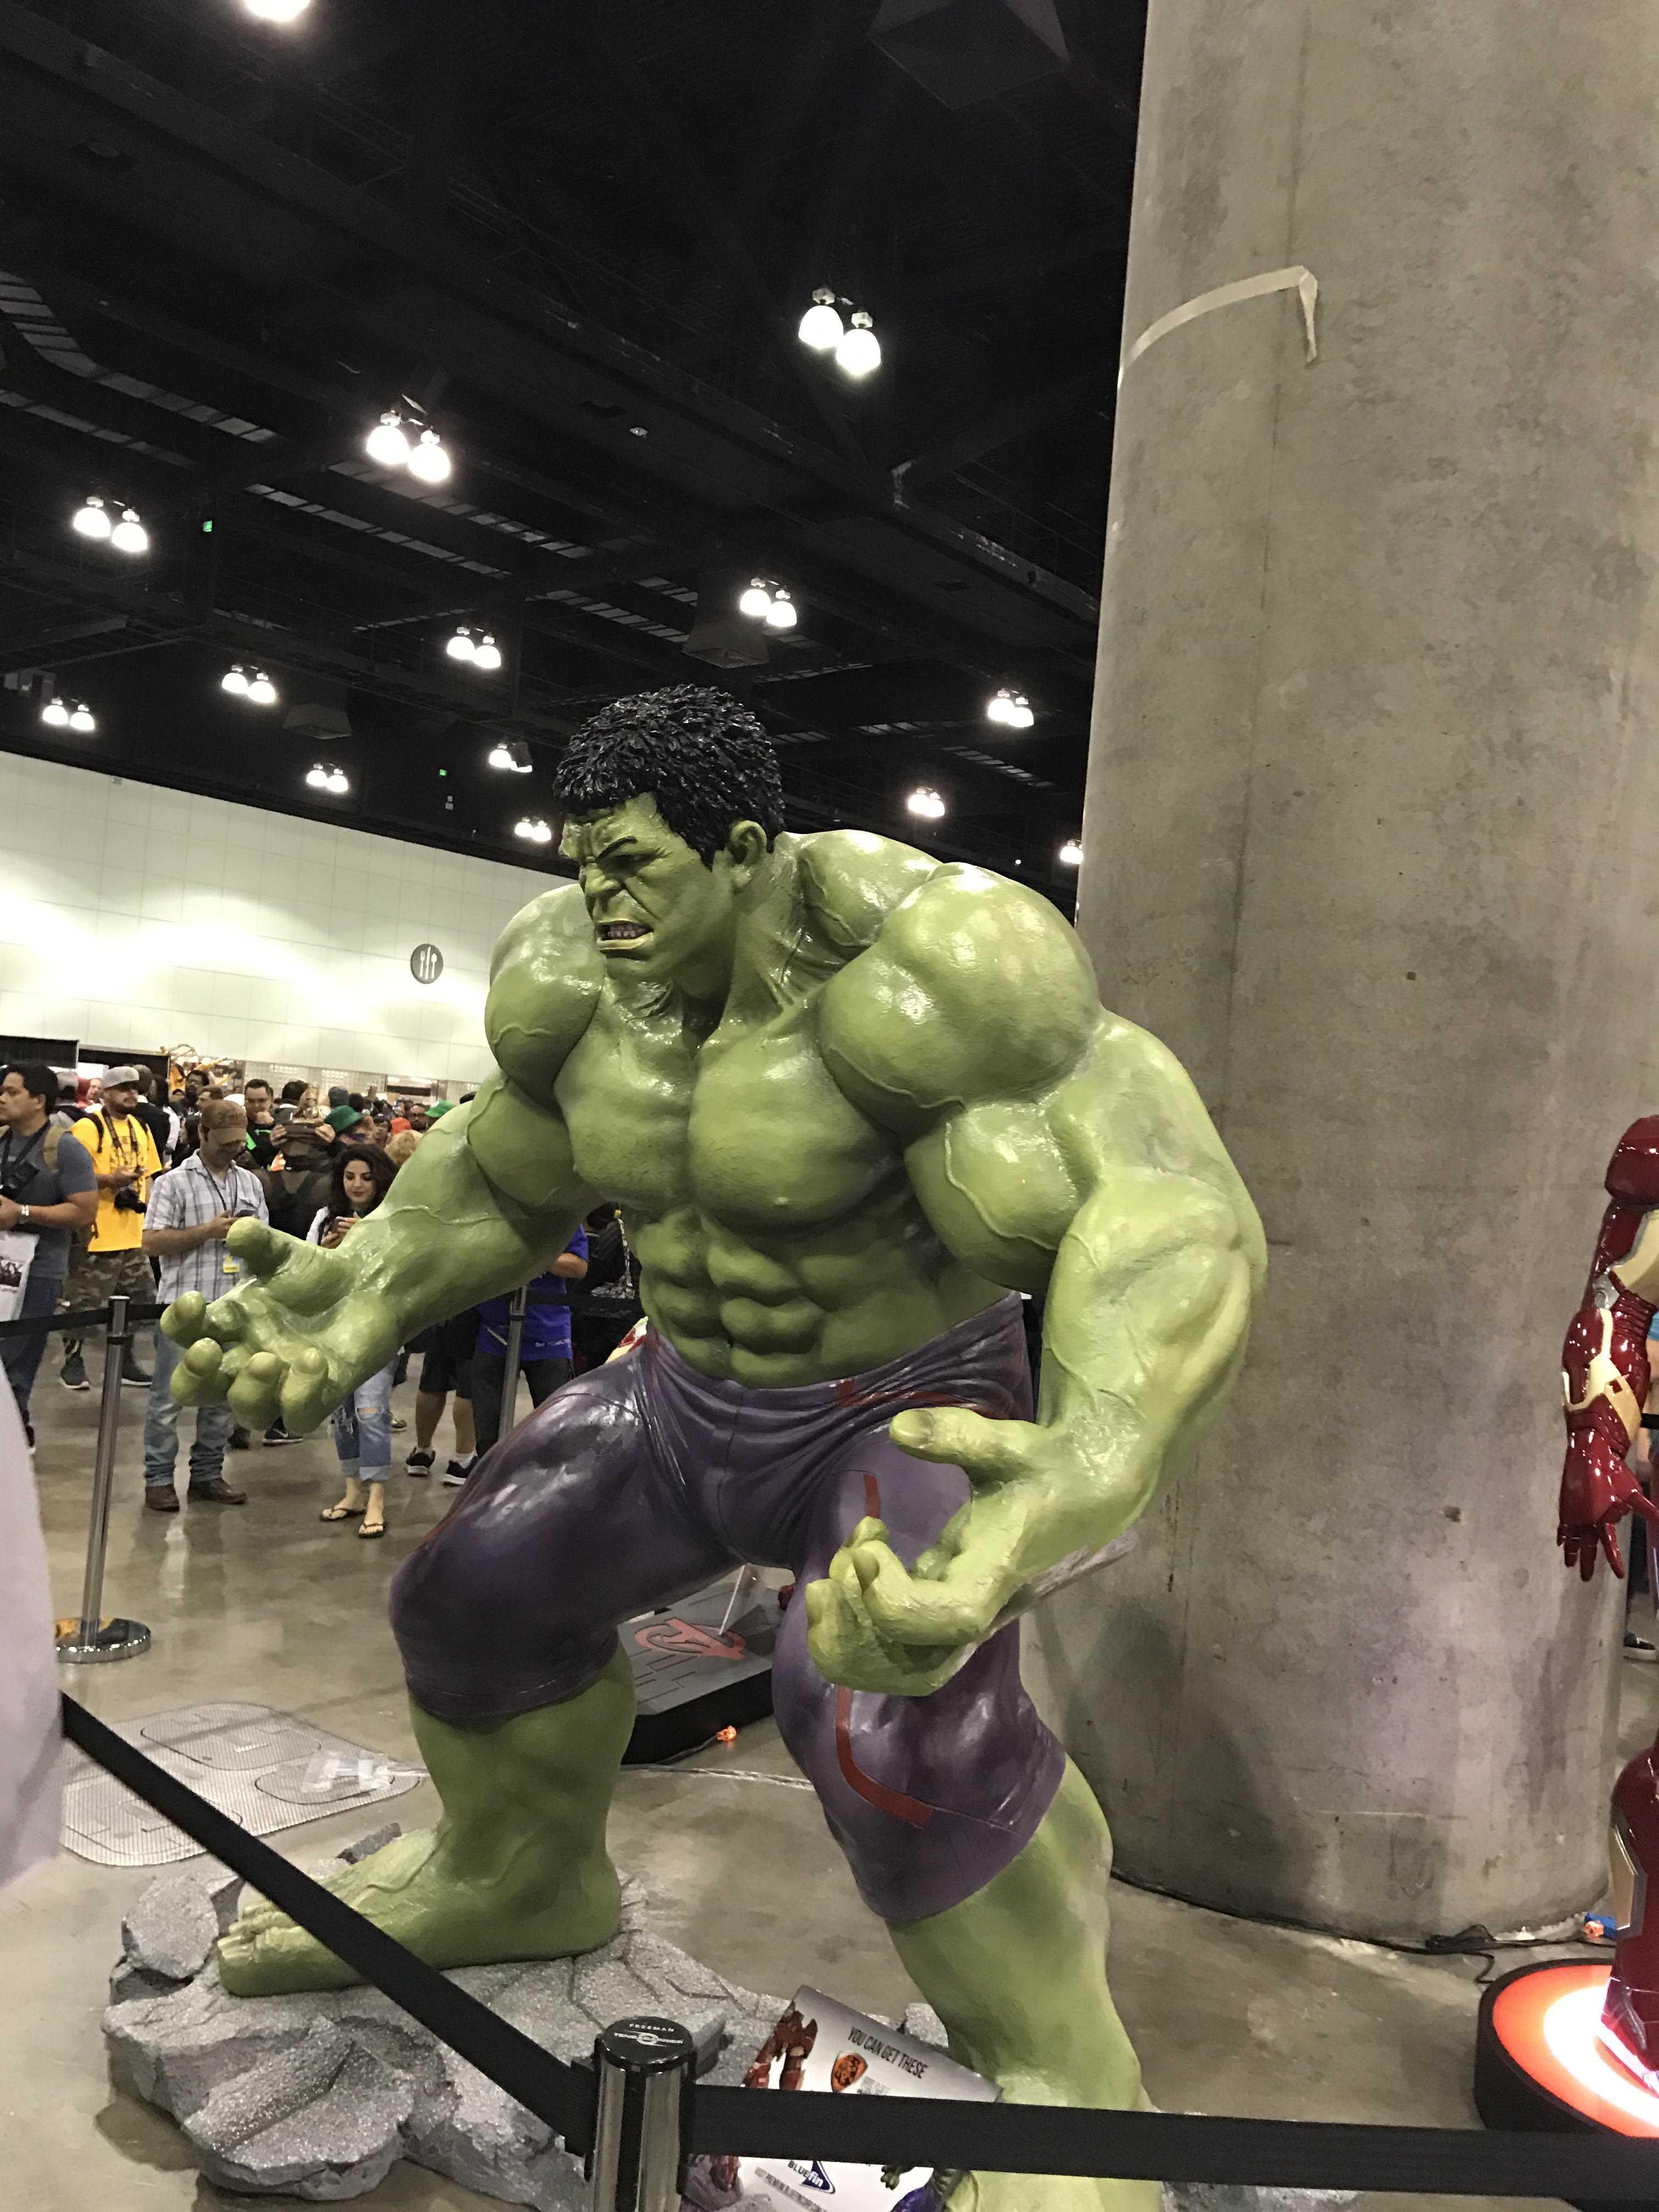 Sculpture at LA comic con shows the Hulk